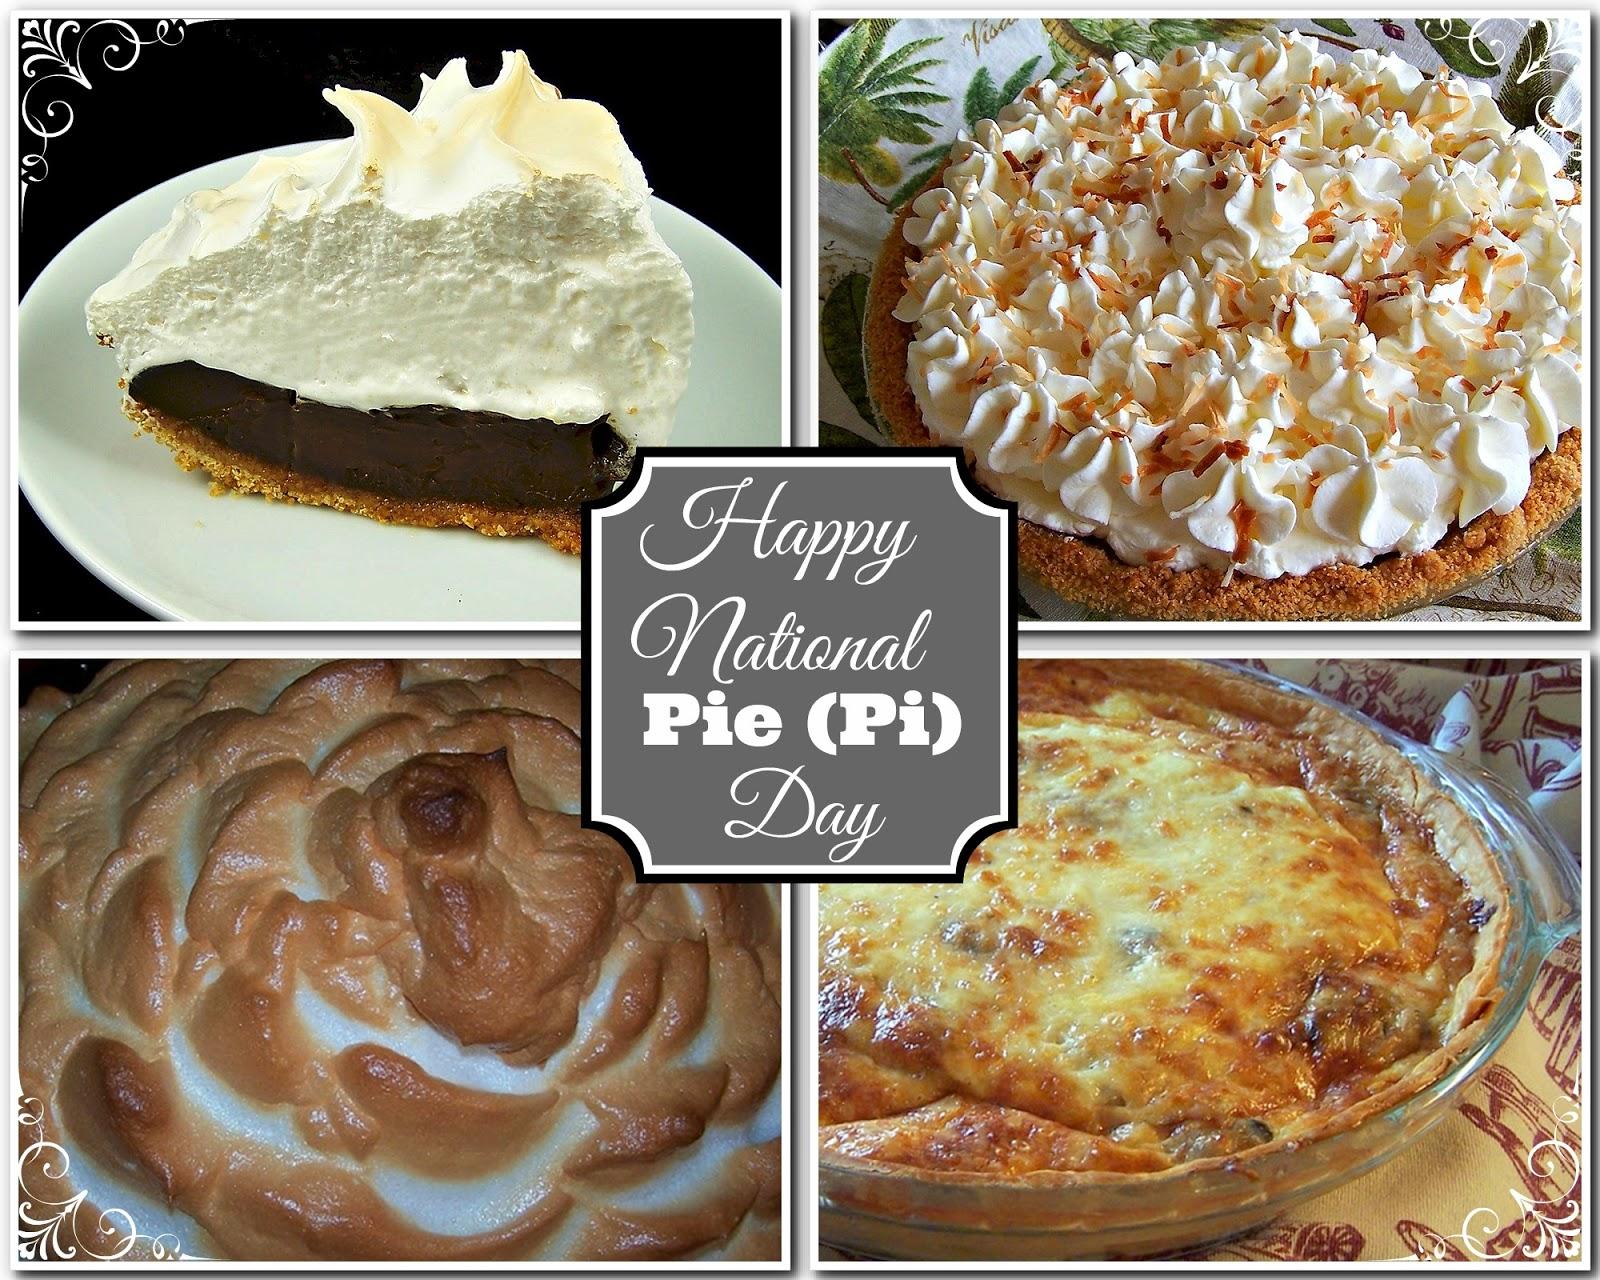 happy national pie (pi) day!